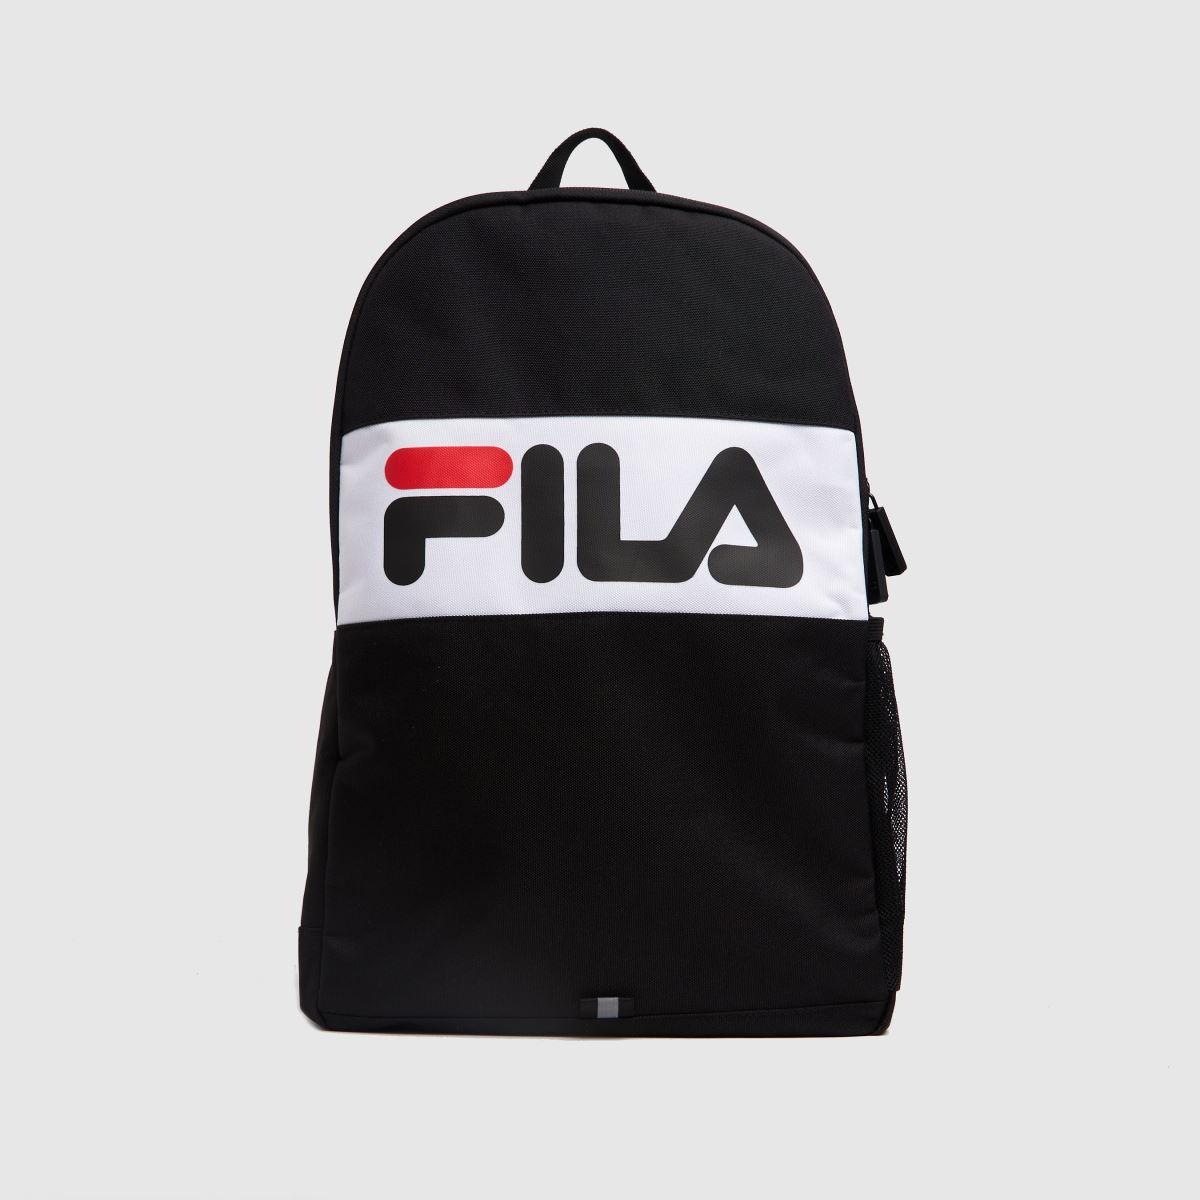 Fila Black & White Camsi Medium Backpack